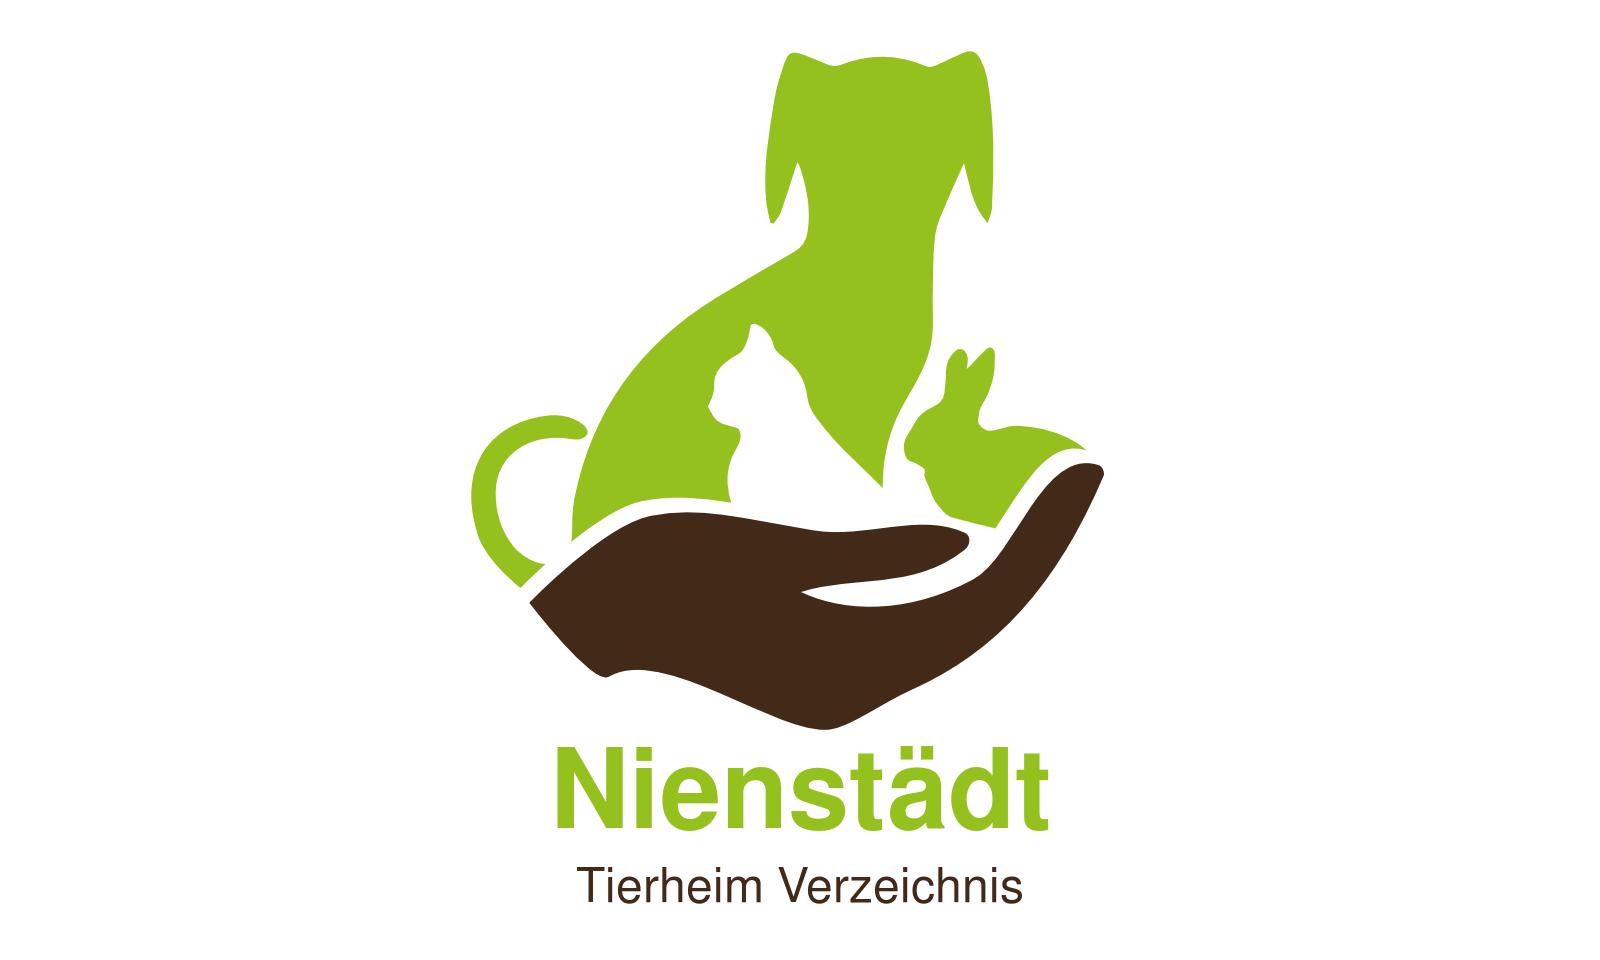 Tierheim Nienstädt